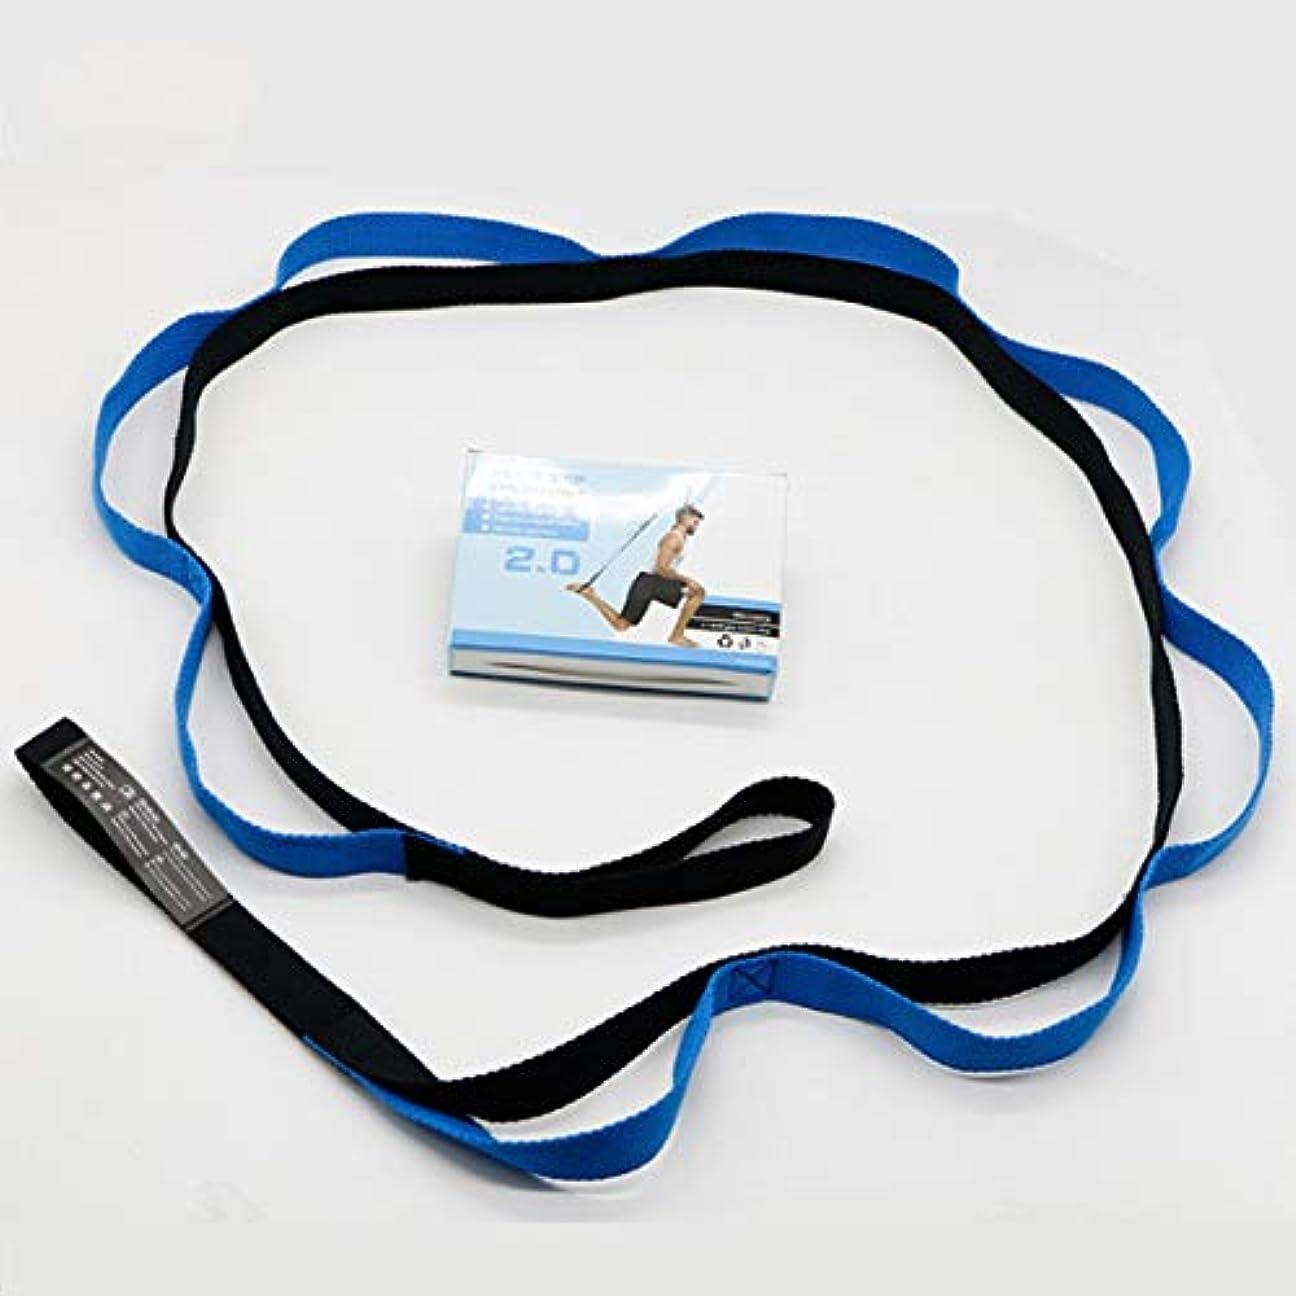 離す簡単なアクティブフィットネスエクササイズジムヨガストレッチアウトストラップ弾性ベルトウエストレッグアームエクステンションストラップベルトスポーツユニセックストレーニングベルトバンド - ブルー&ブラック